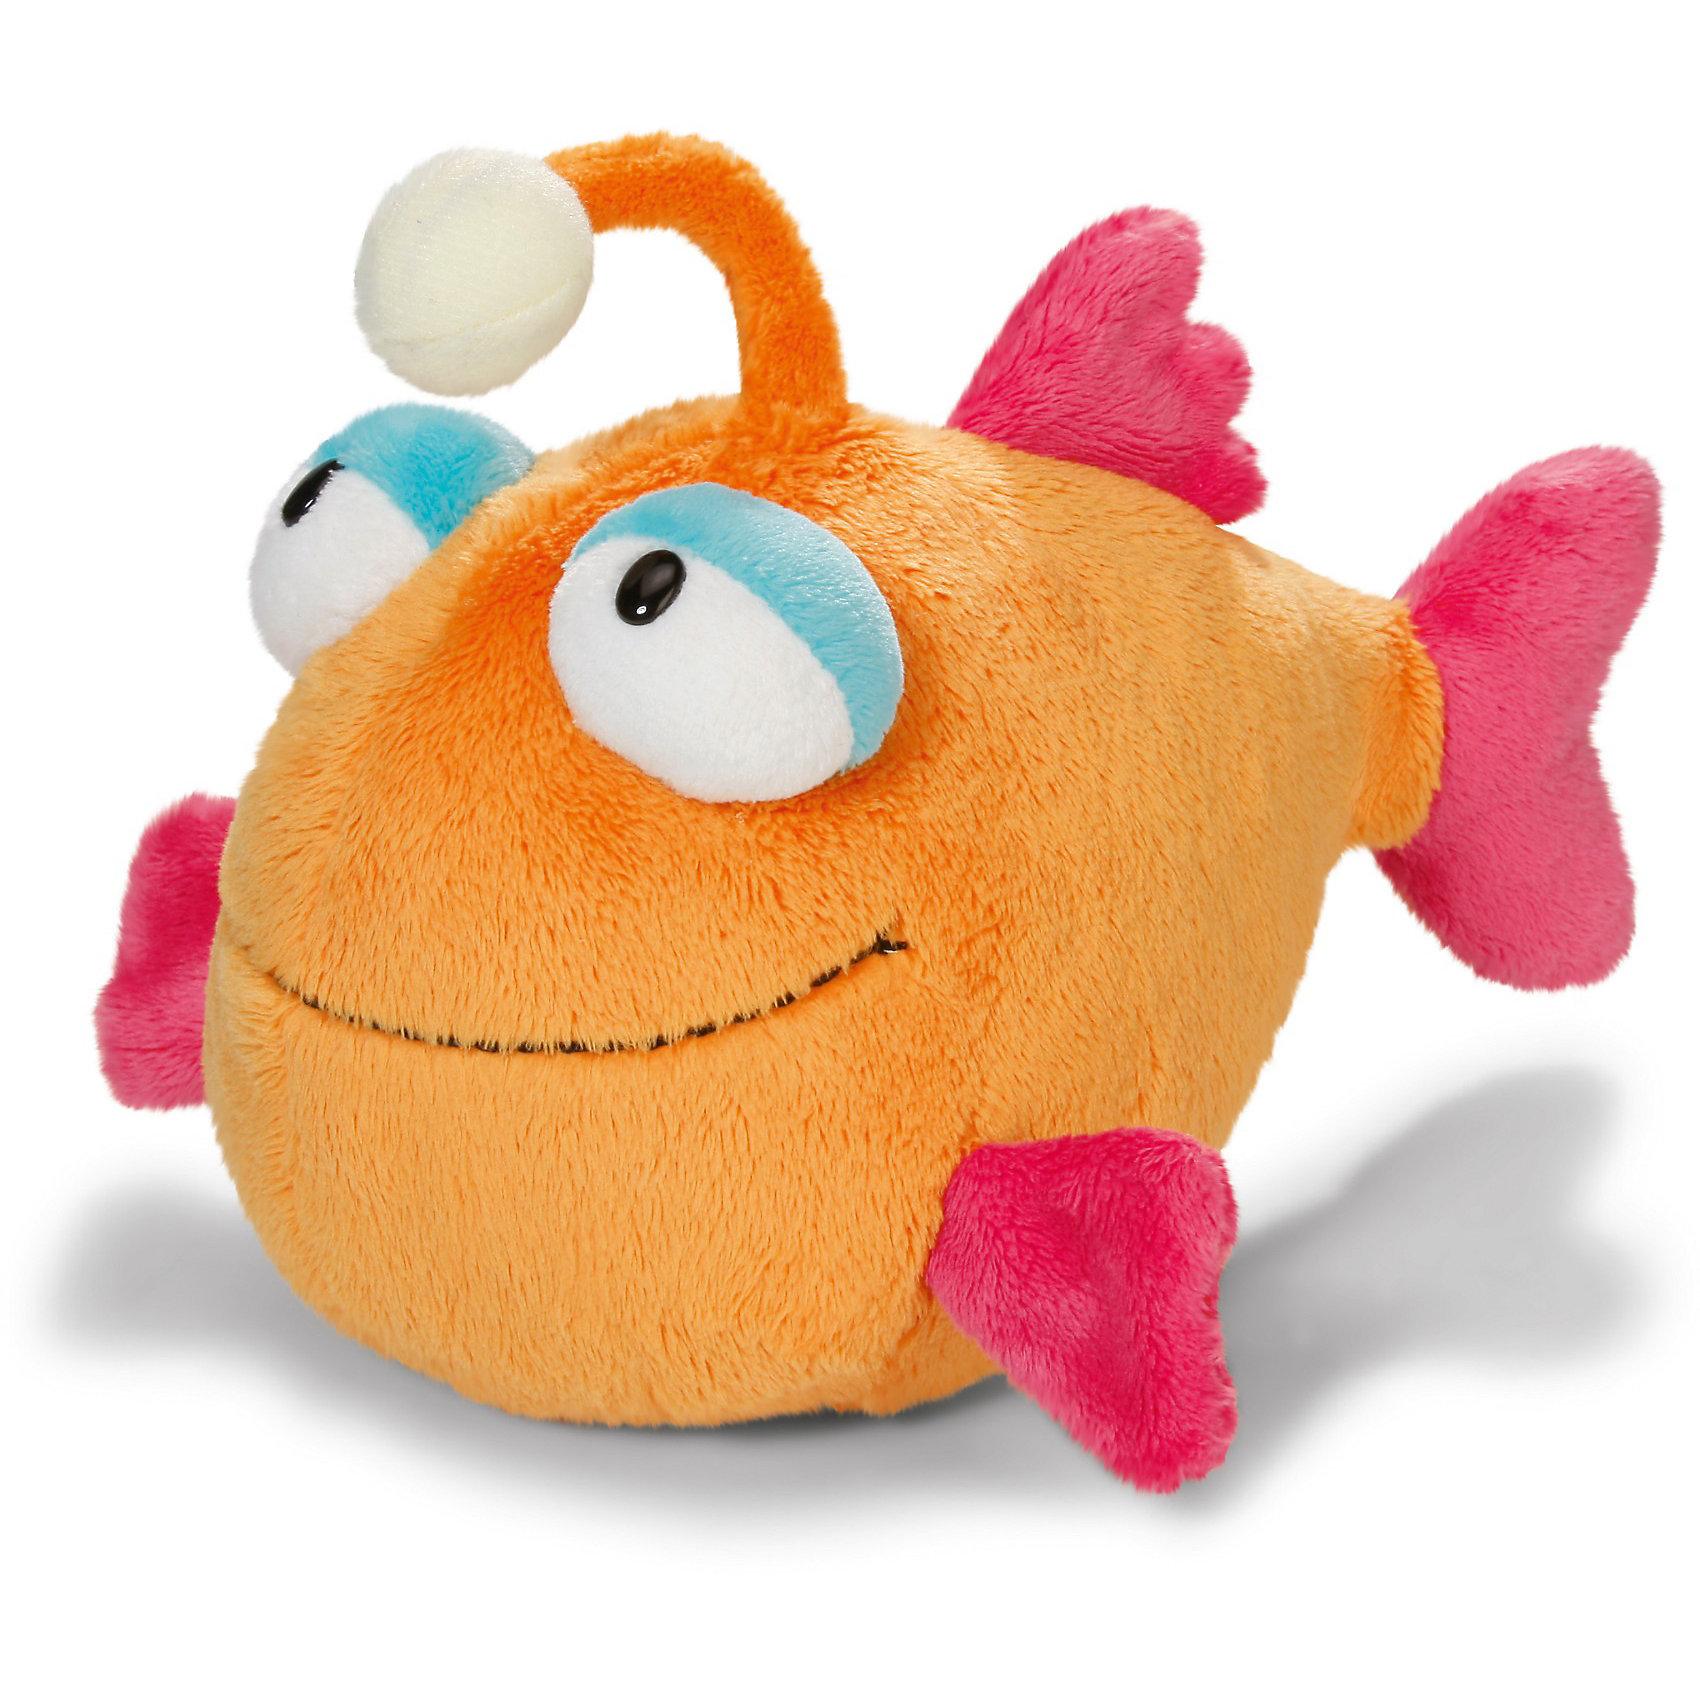 NICI Рыбка с фонариком, 25 см,  NICI игрушка заводная коралловая рыбка цвет фиолетовый